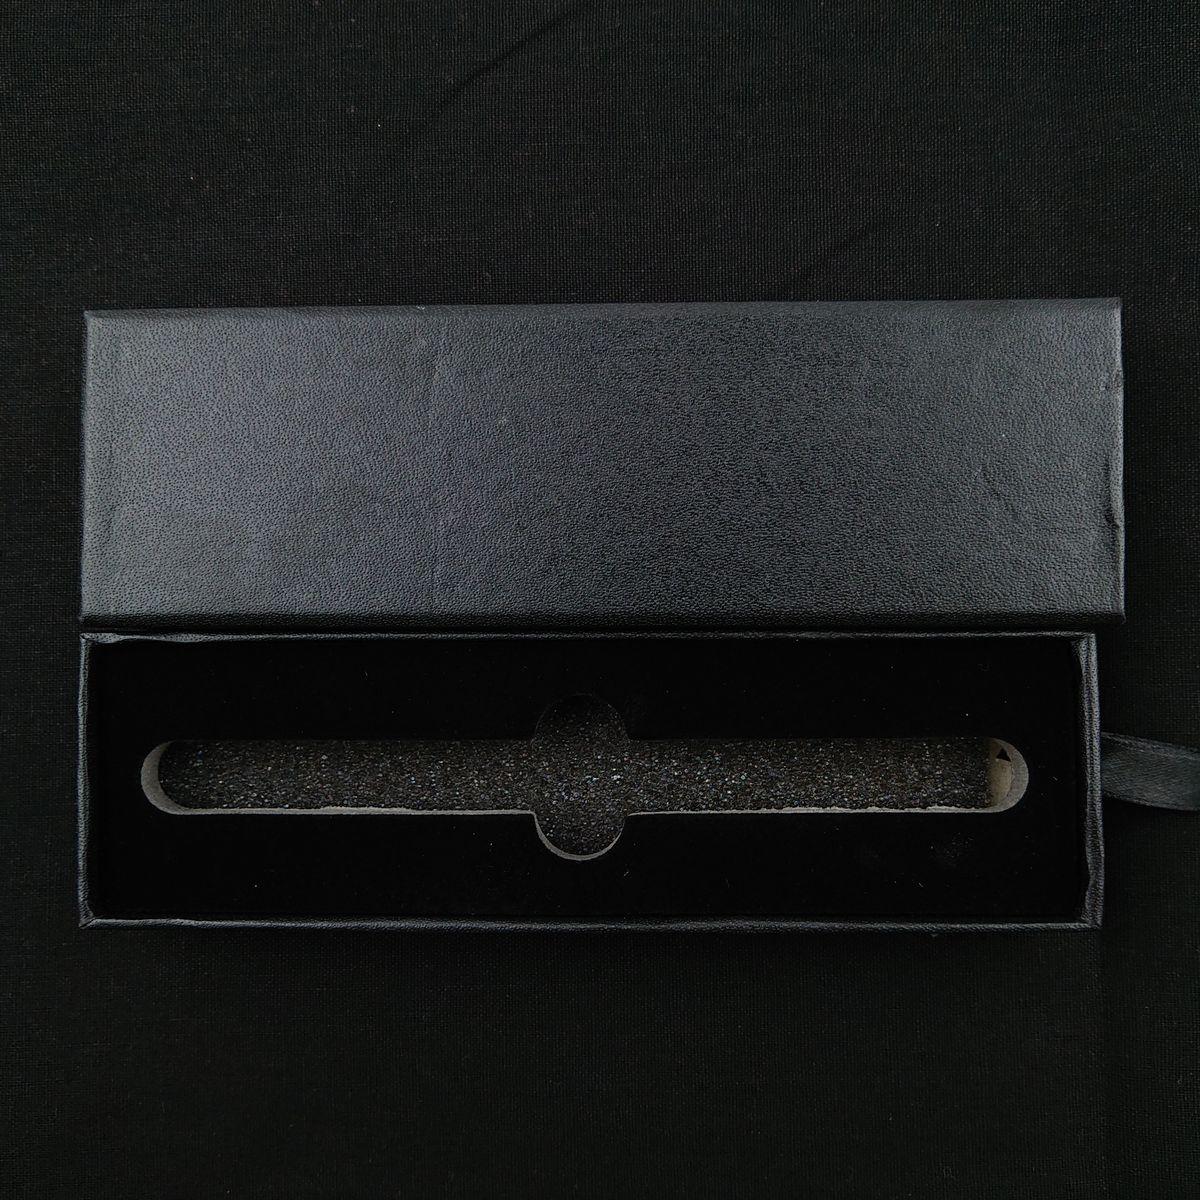 ハーバリウムボールペン専用ケース 高級感溢れるブラックケース ※ボールペンは別売りです。